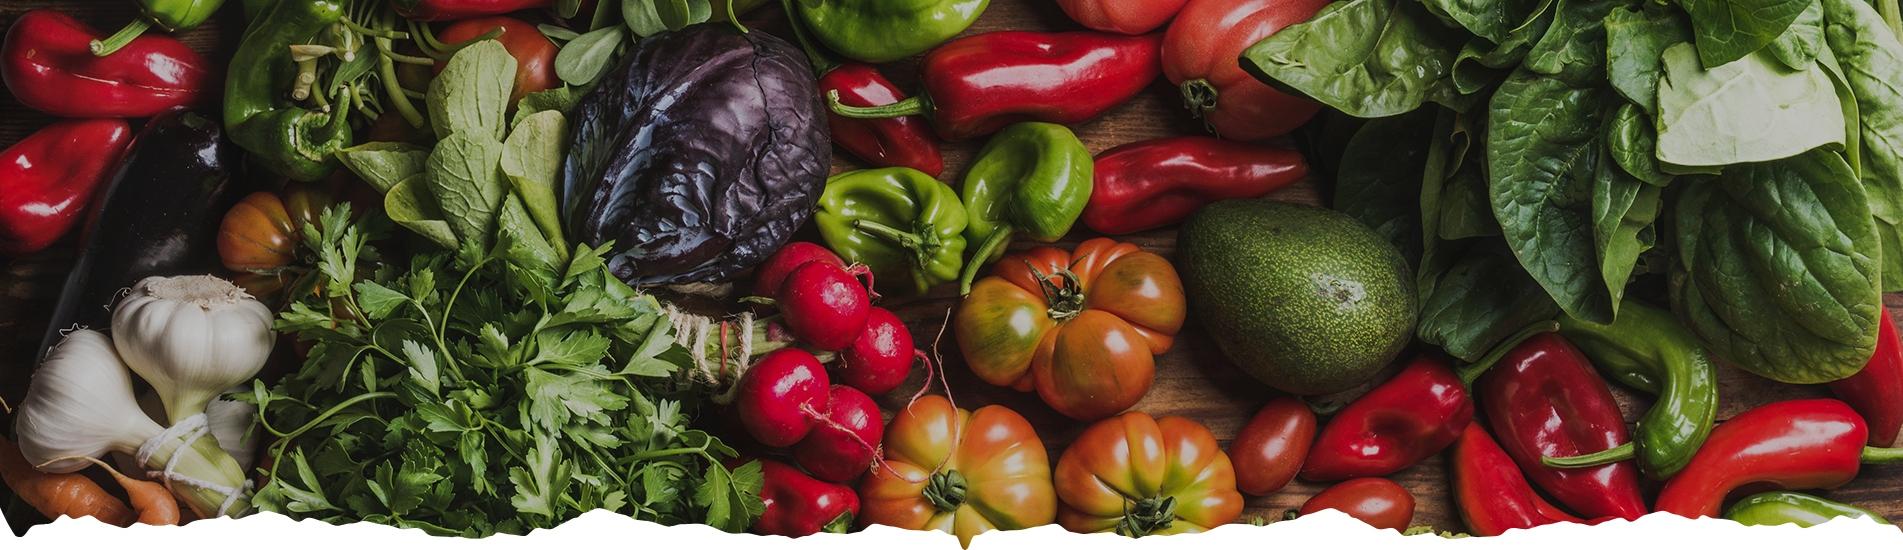 המחלקה האורגנית - משק מיכאלי - סלי ירקות ופירות